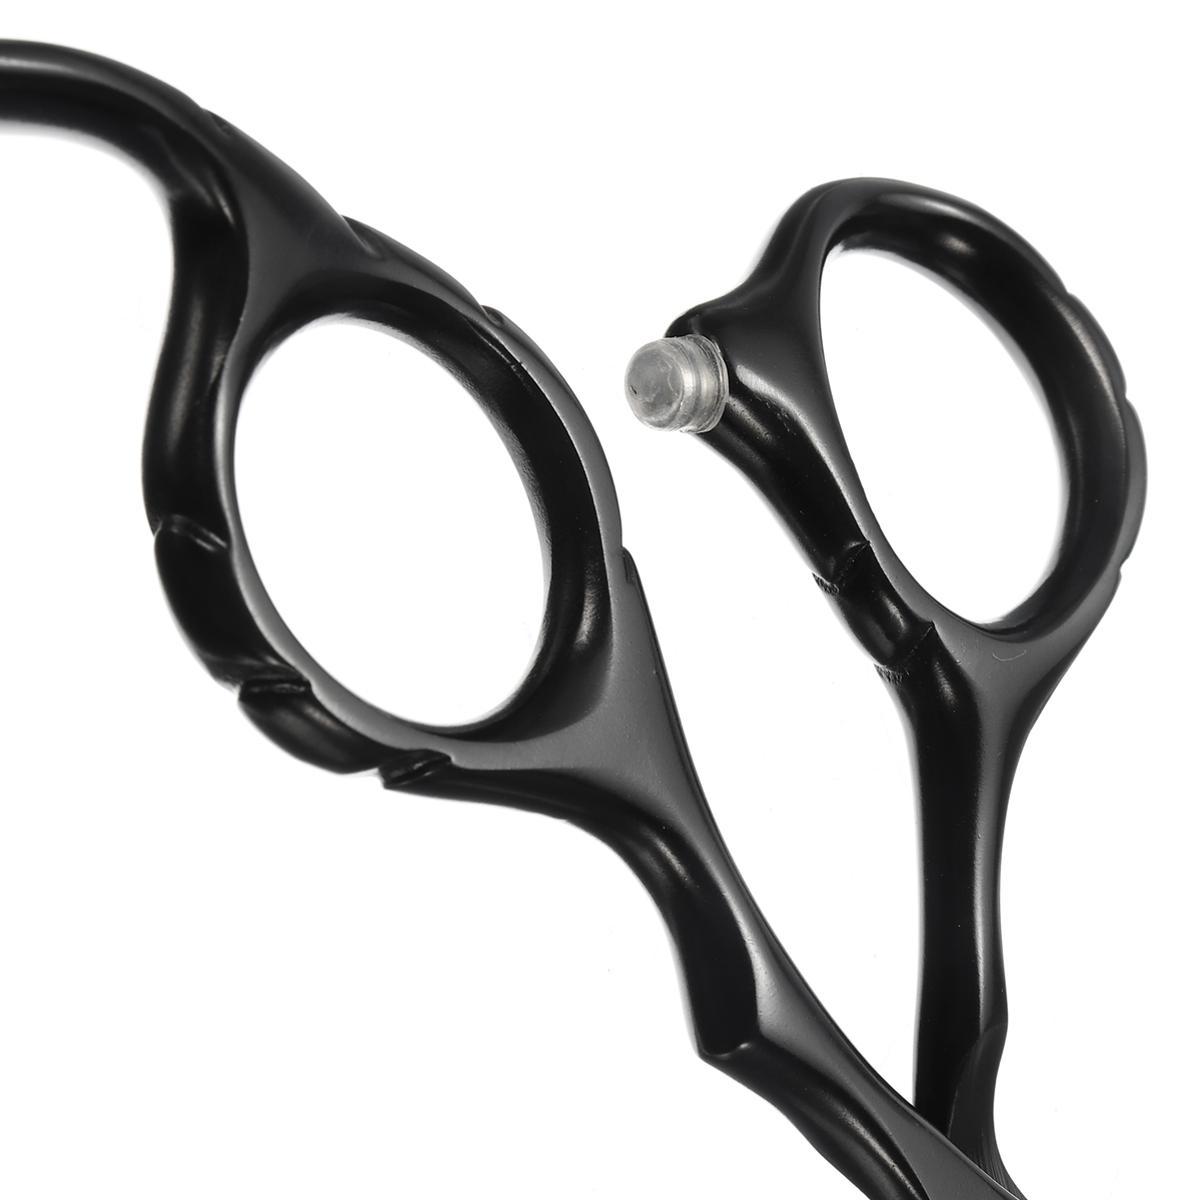 Schwarz Friseur Gerade Verdünnung Styling Schere Professionelle Haarscheren Tarntes Scheren Flache Zähne Klingen Werkzeug